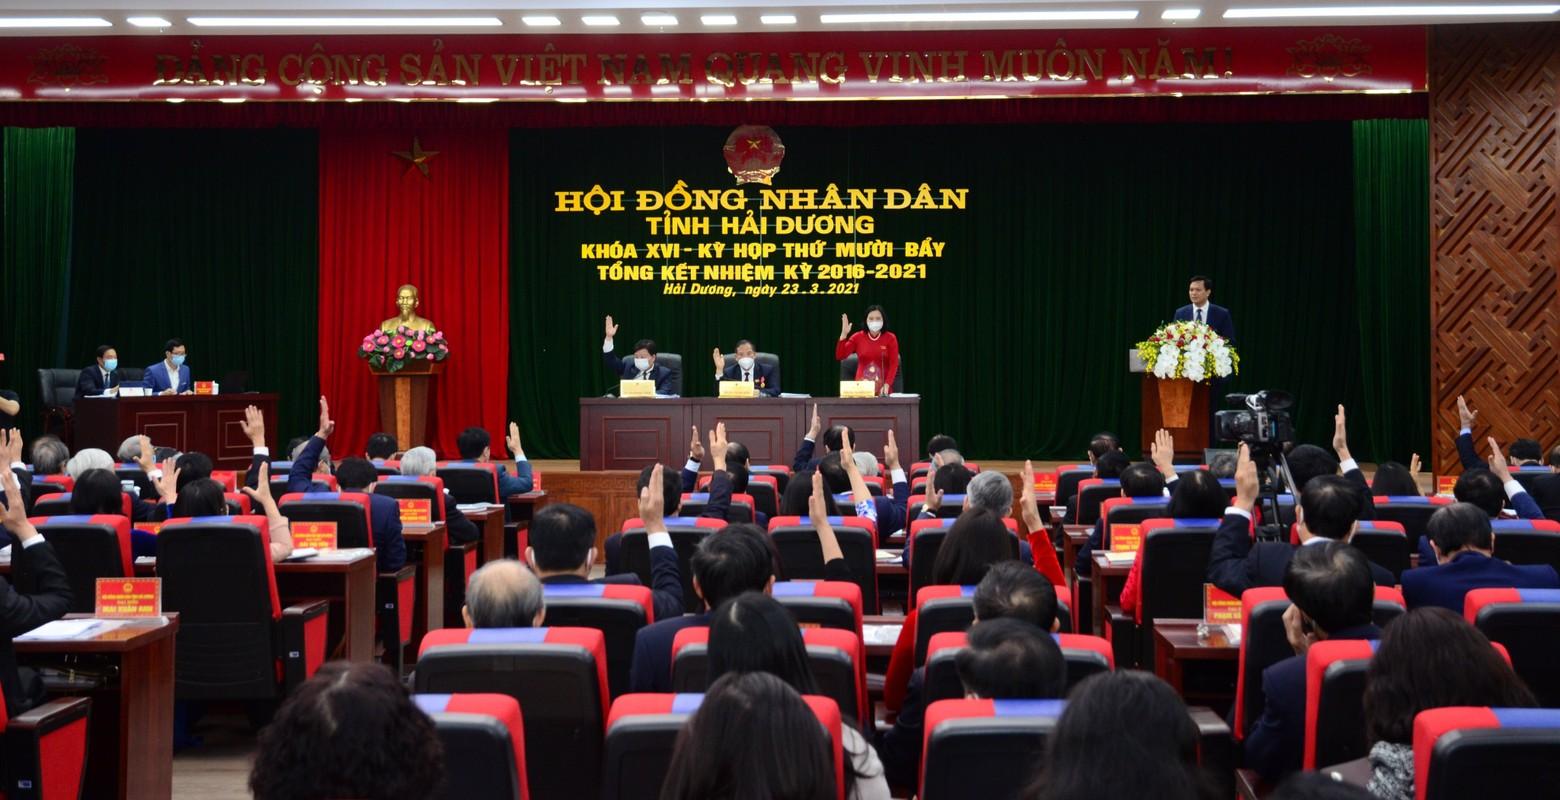 Tan Chu tich Hoi dong nhan dan tinh Hai Duong la ai?